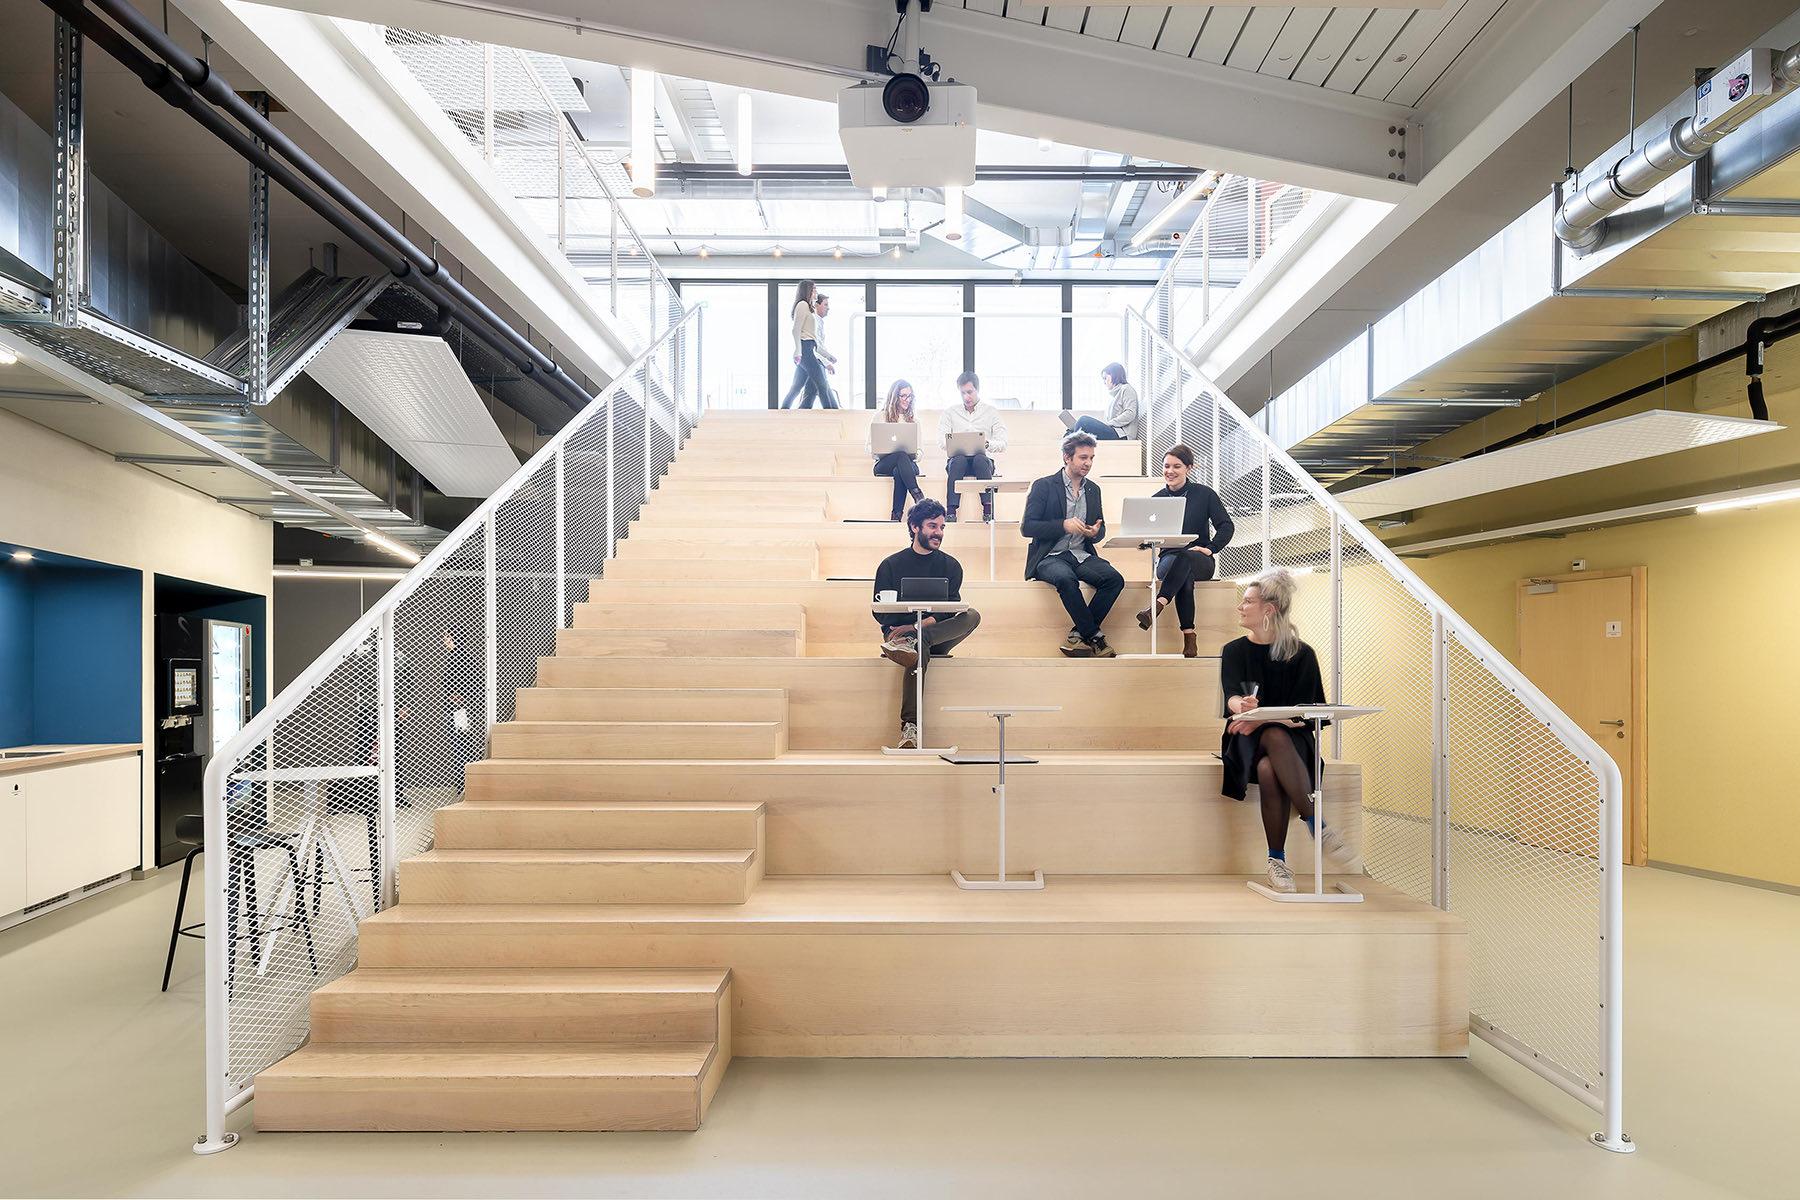 A Tour of Audemars Piguet's Elegant Le Brassus Office